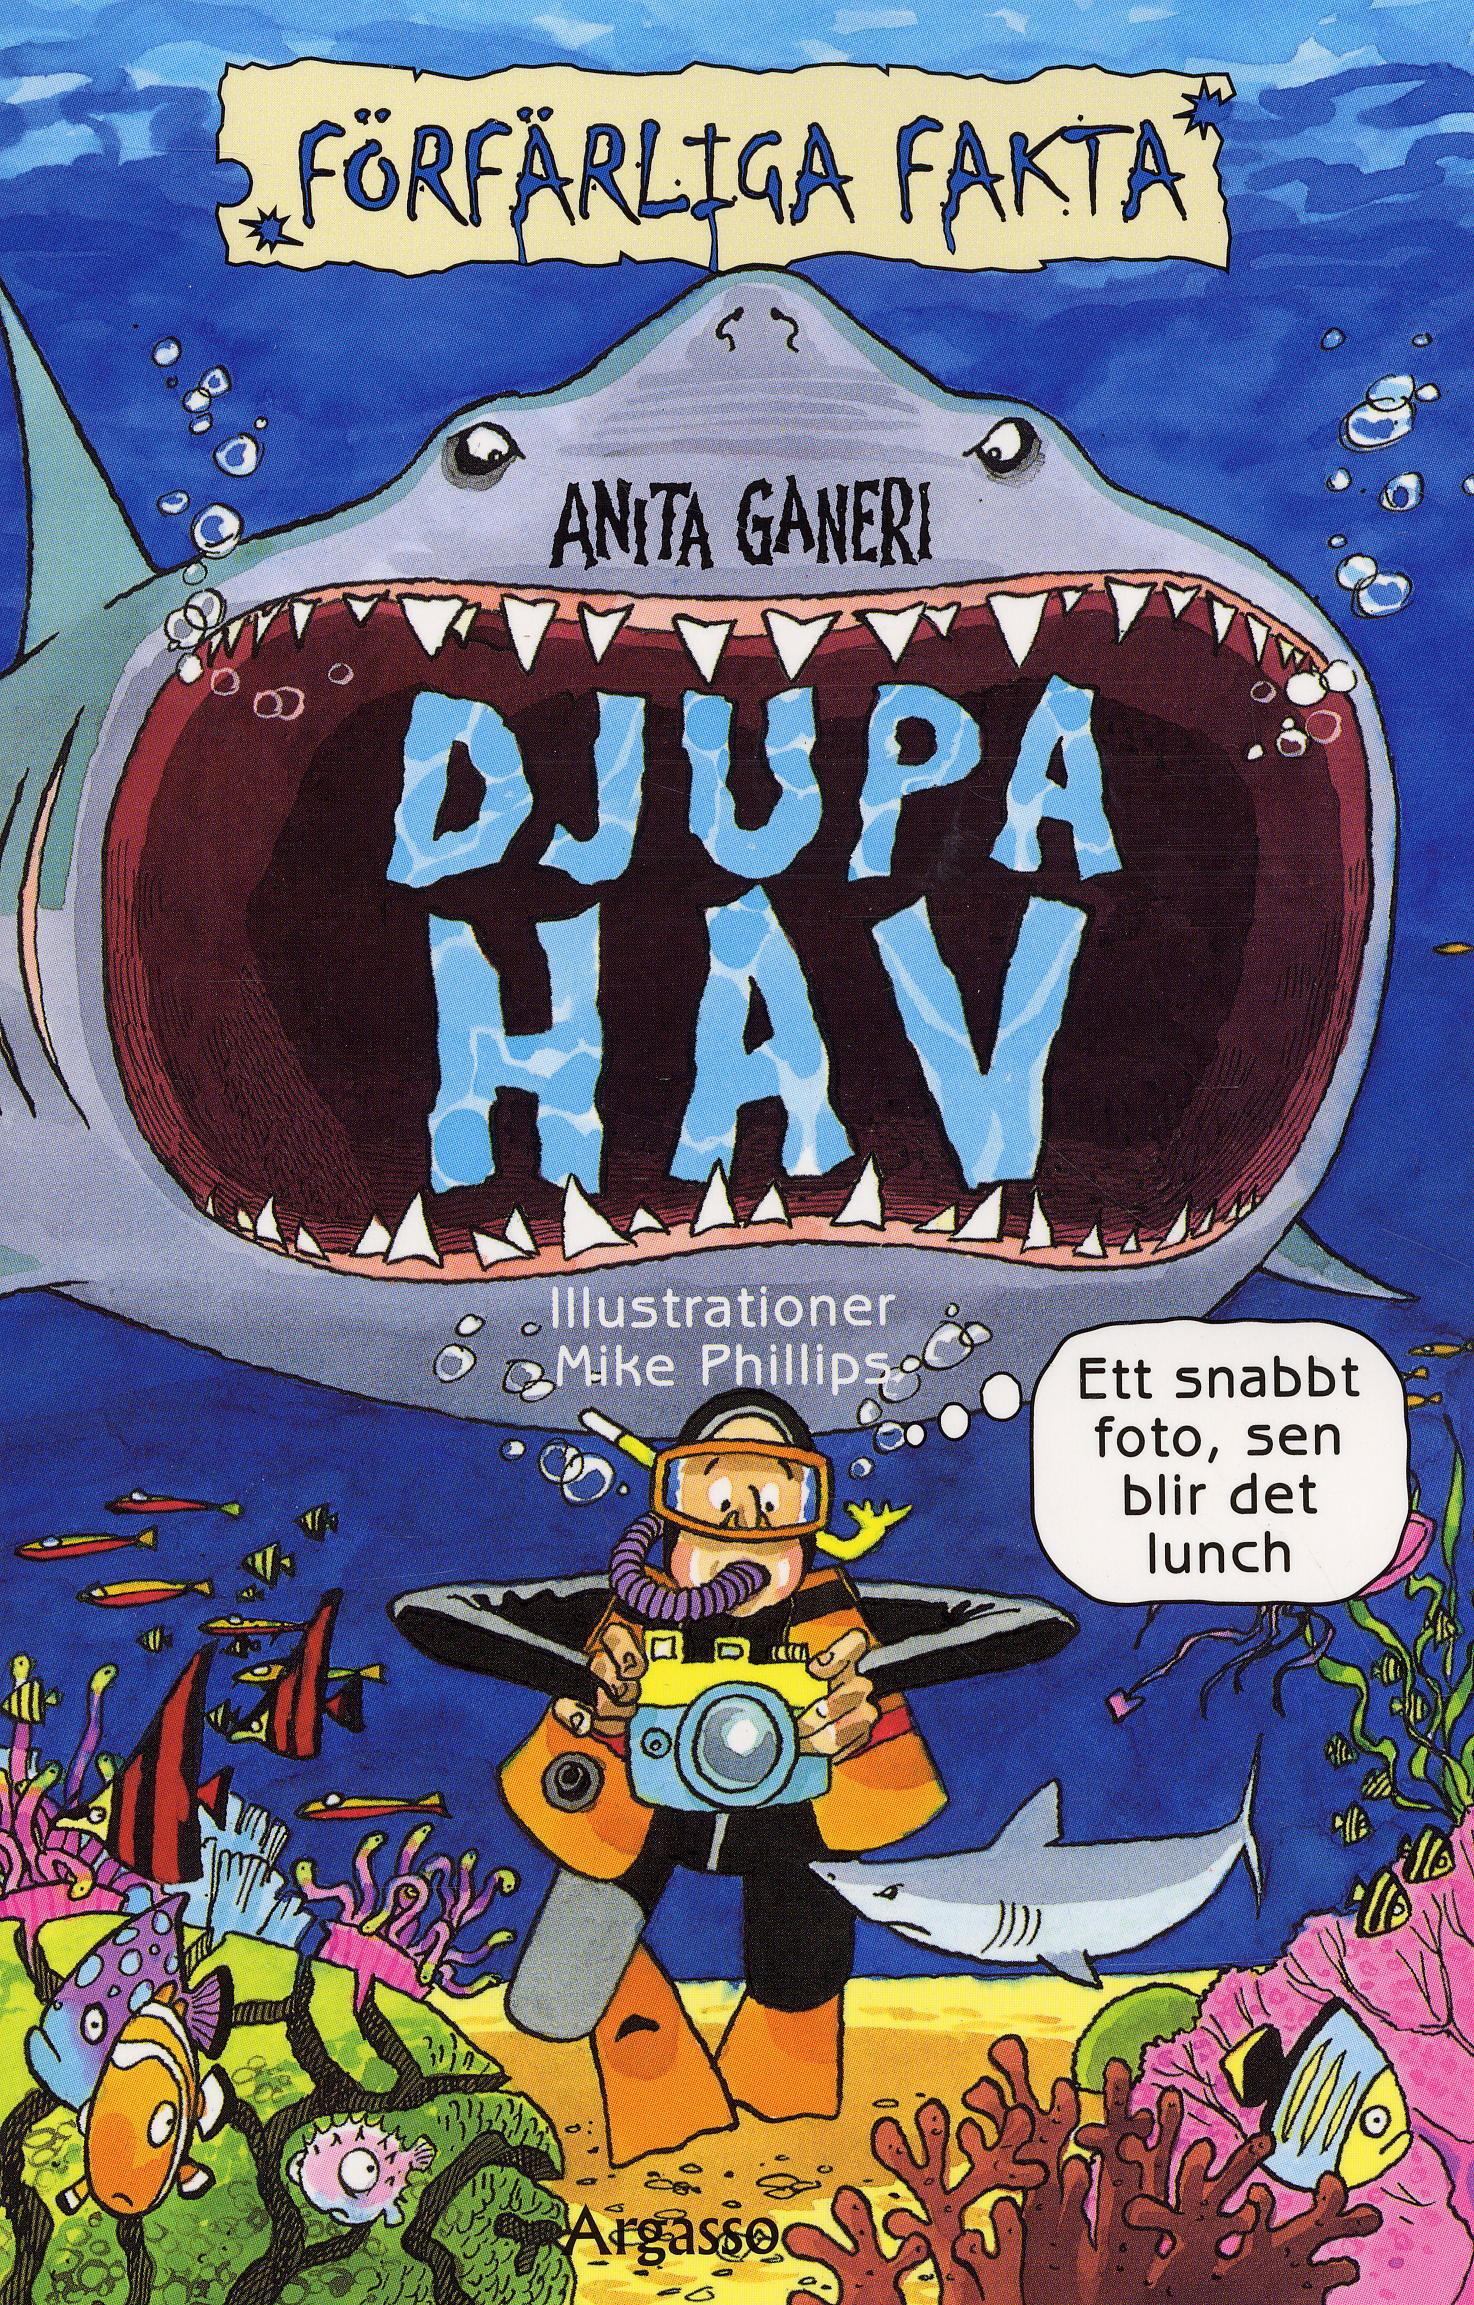 Djupa hav av Anita Ganeri